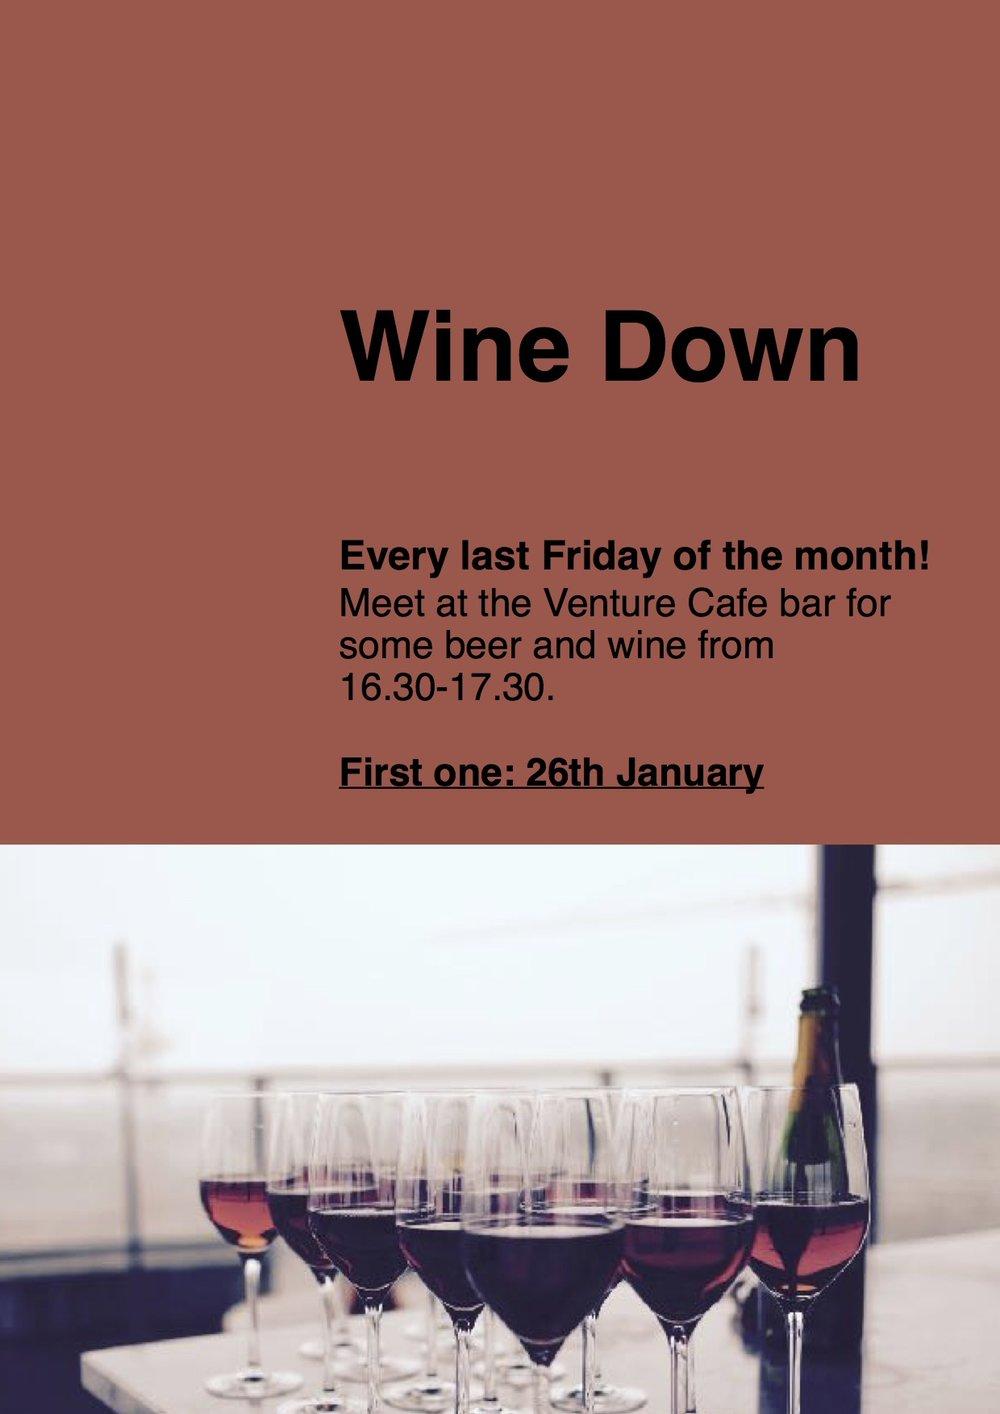 Wine Down Poster jpg.jpg